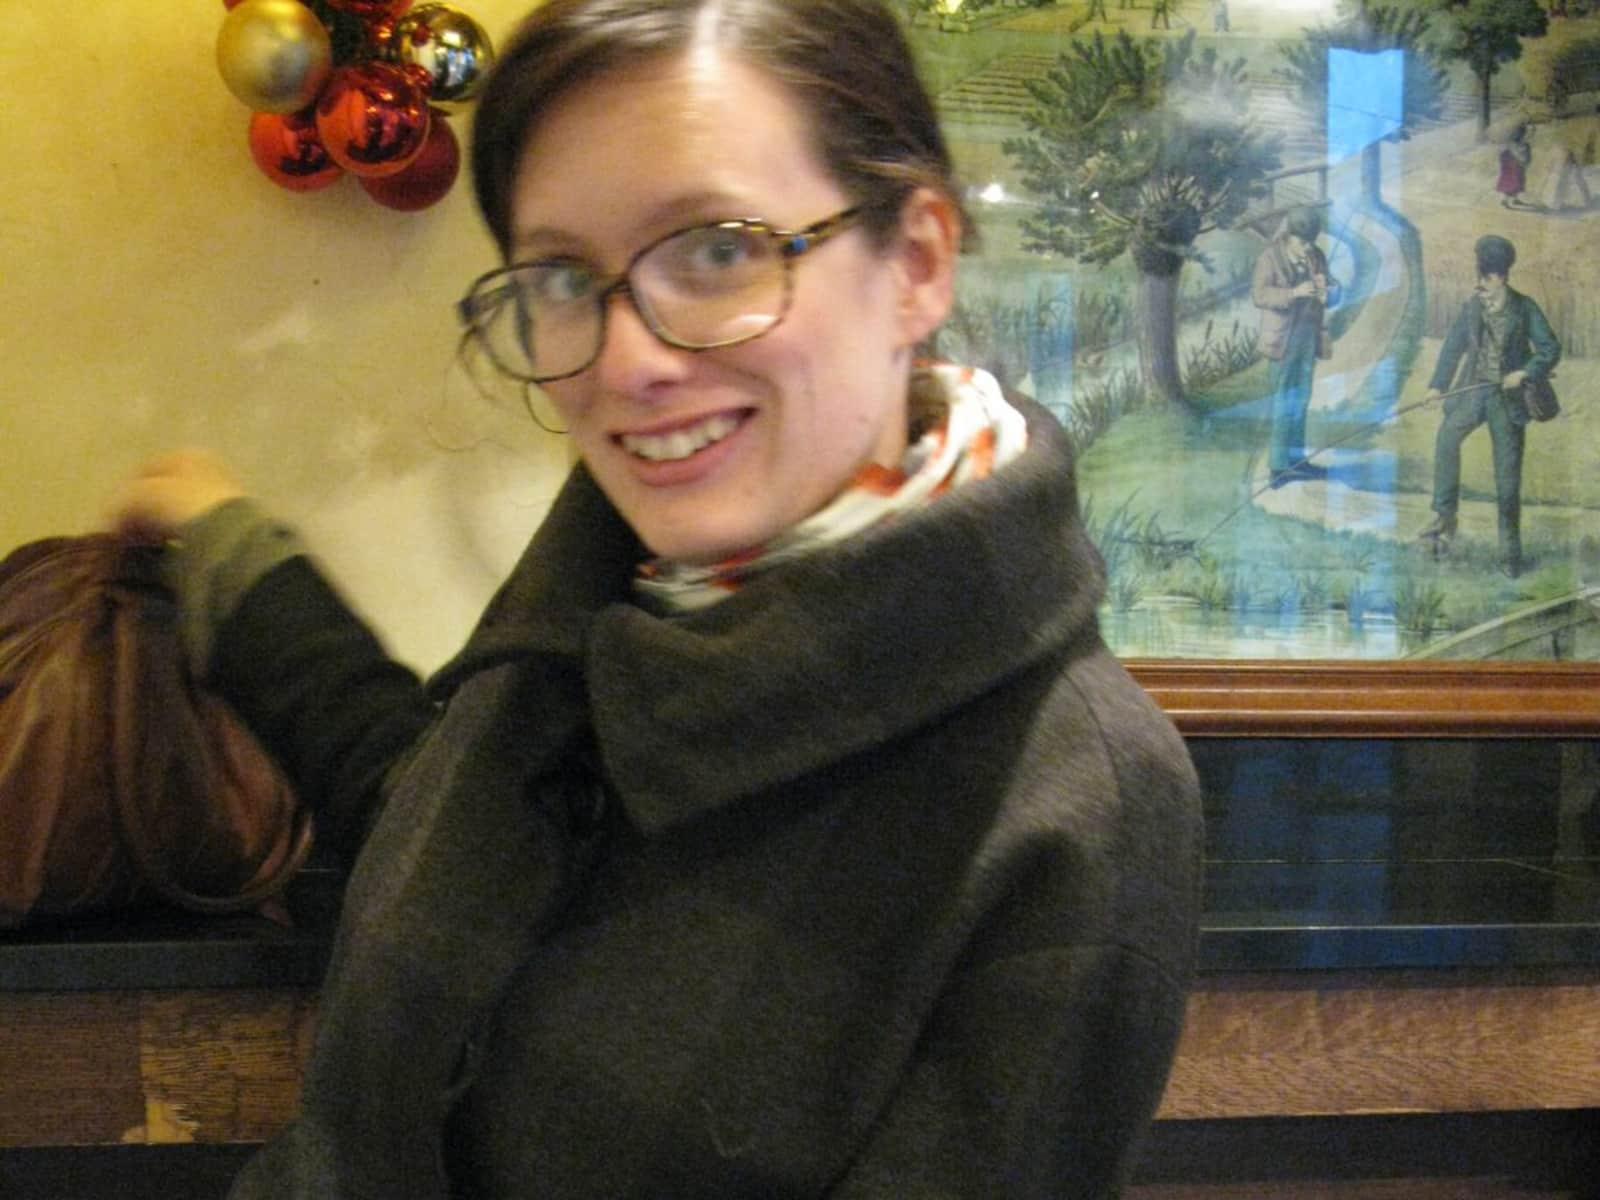 Erin from Toronto, Ontario, Canada